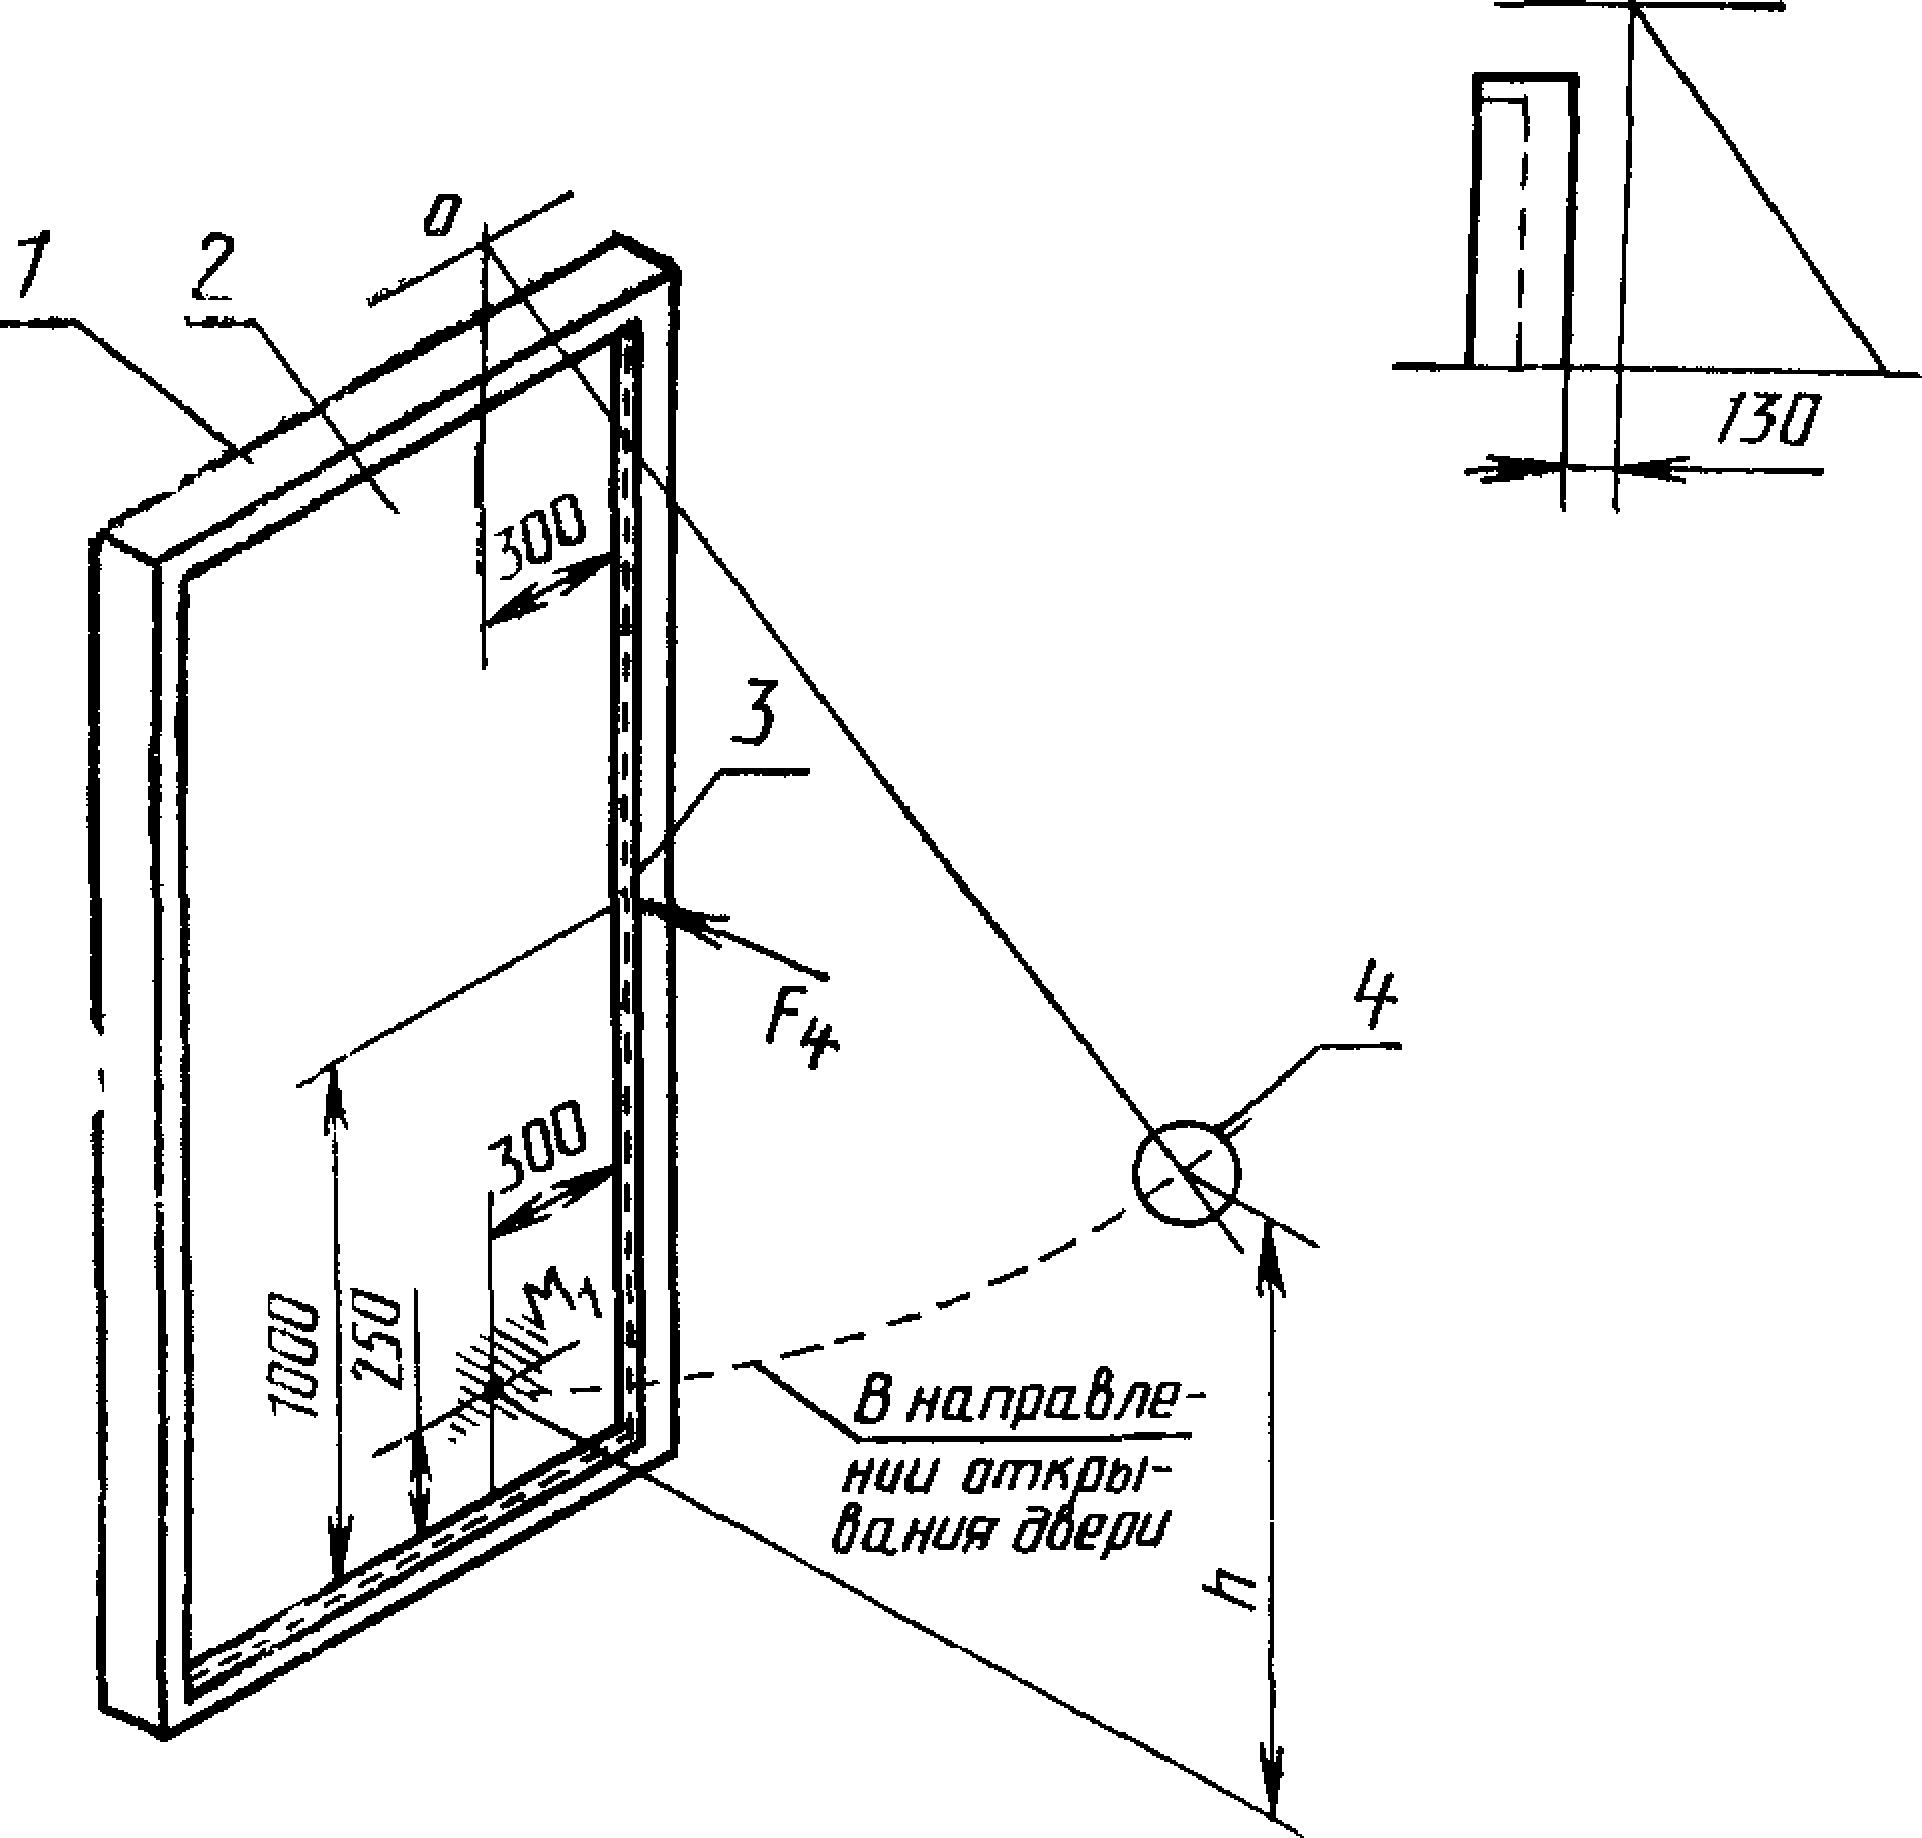 Гост 30108-94. материалы и изделия строительные. определение удельной эффективной активности естественных радионуклидов (с изменениями n 1, 2)